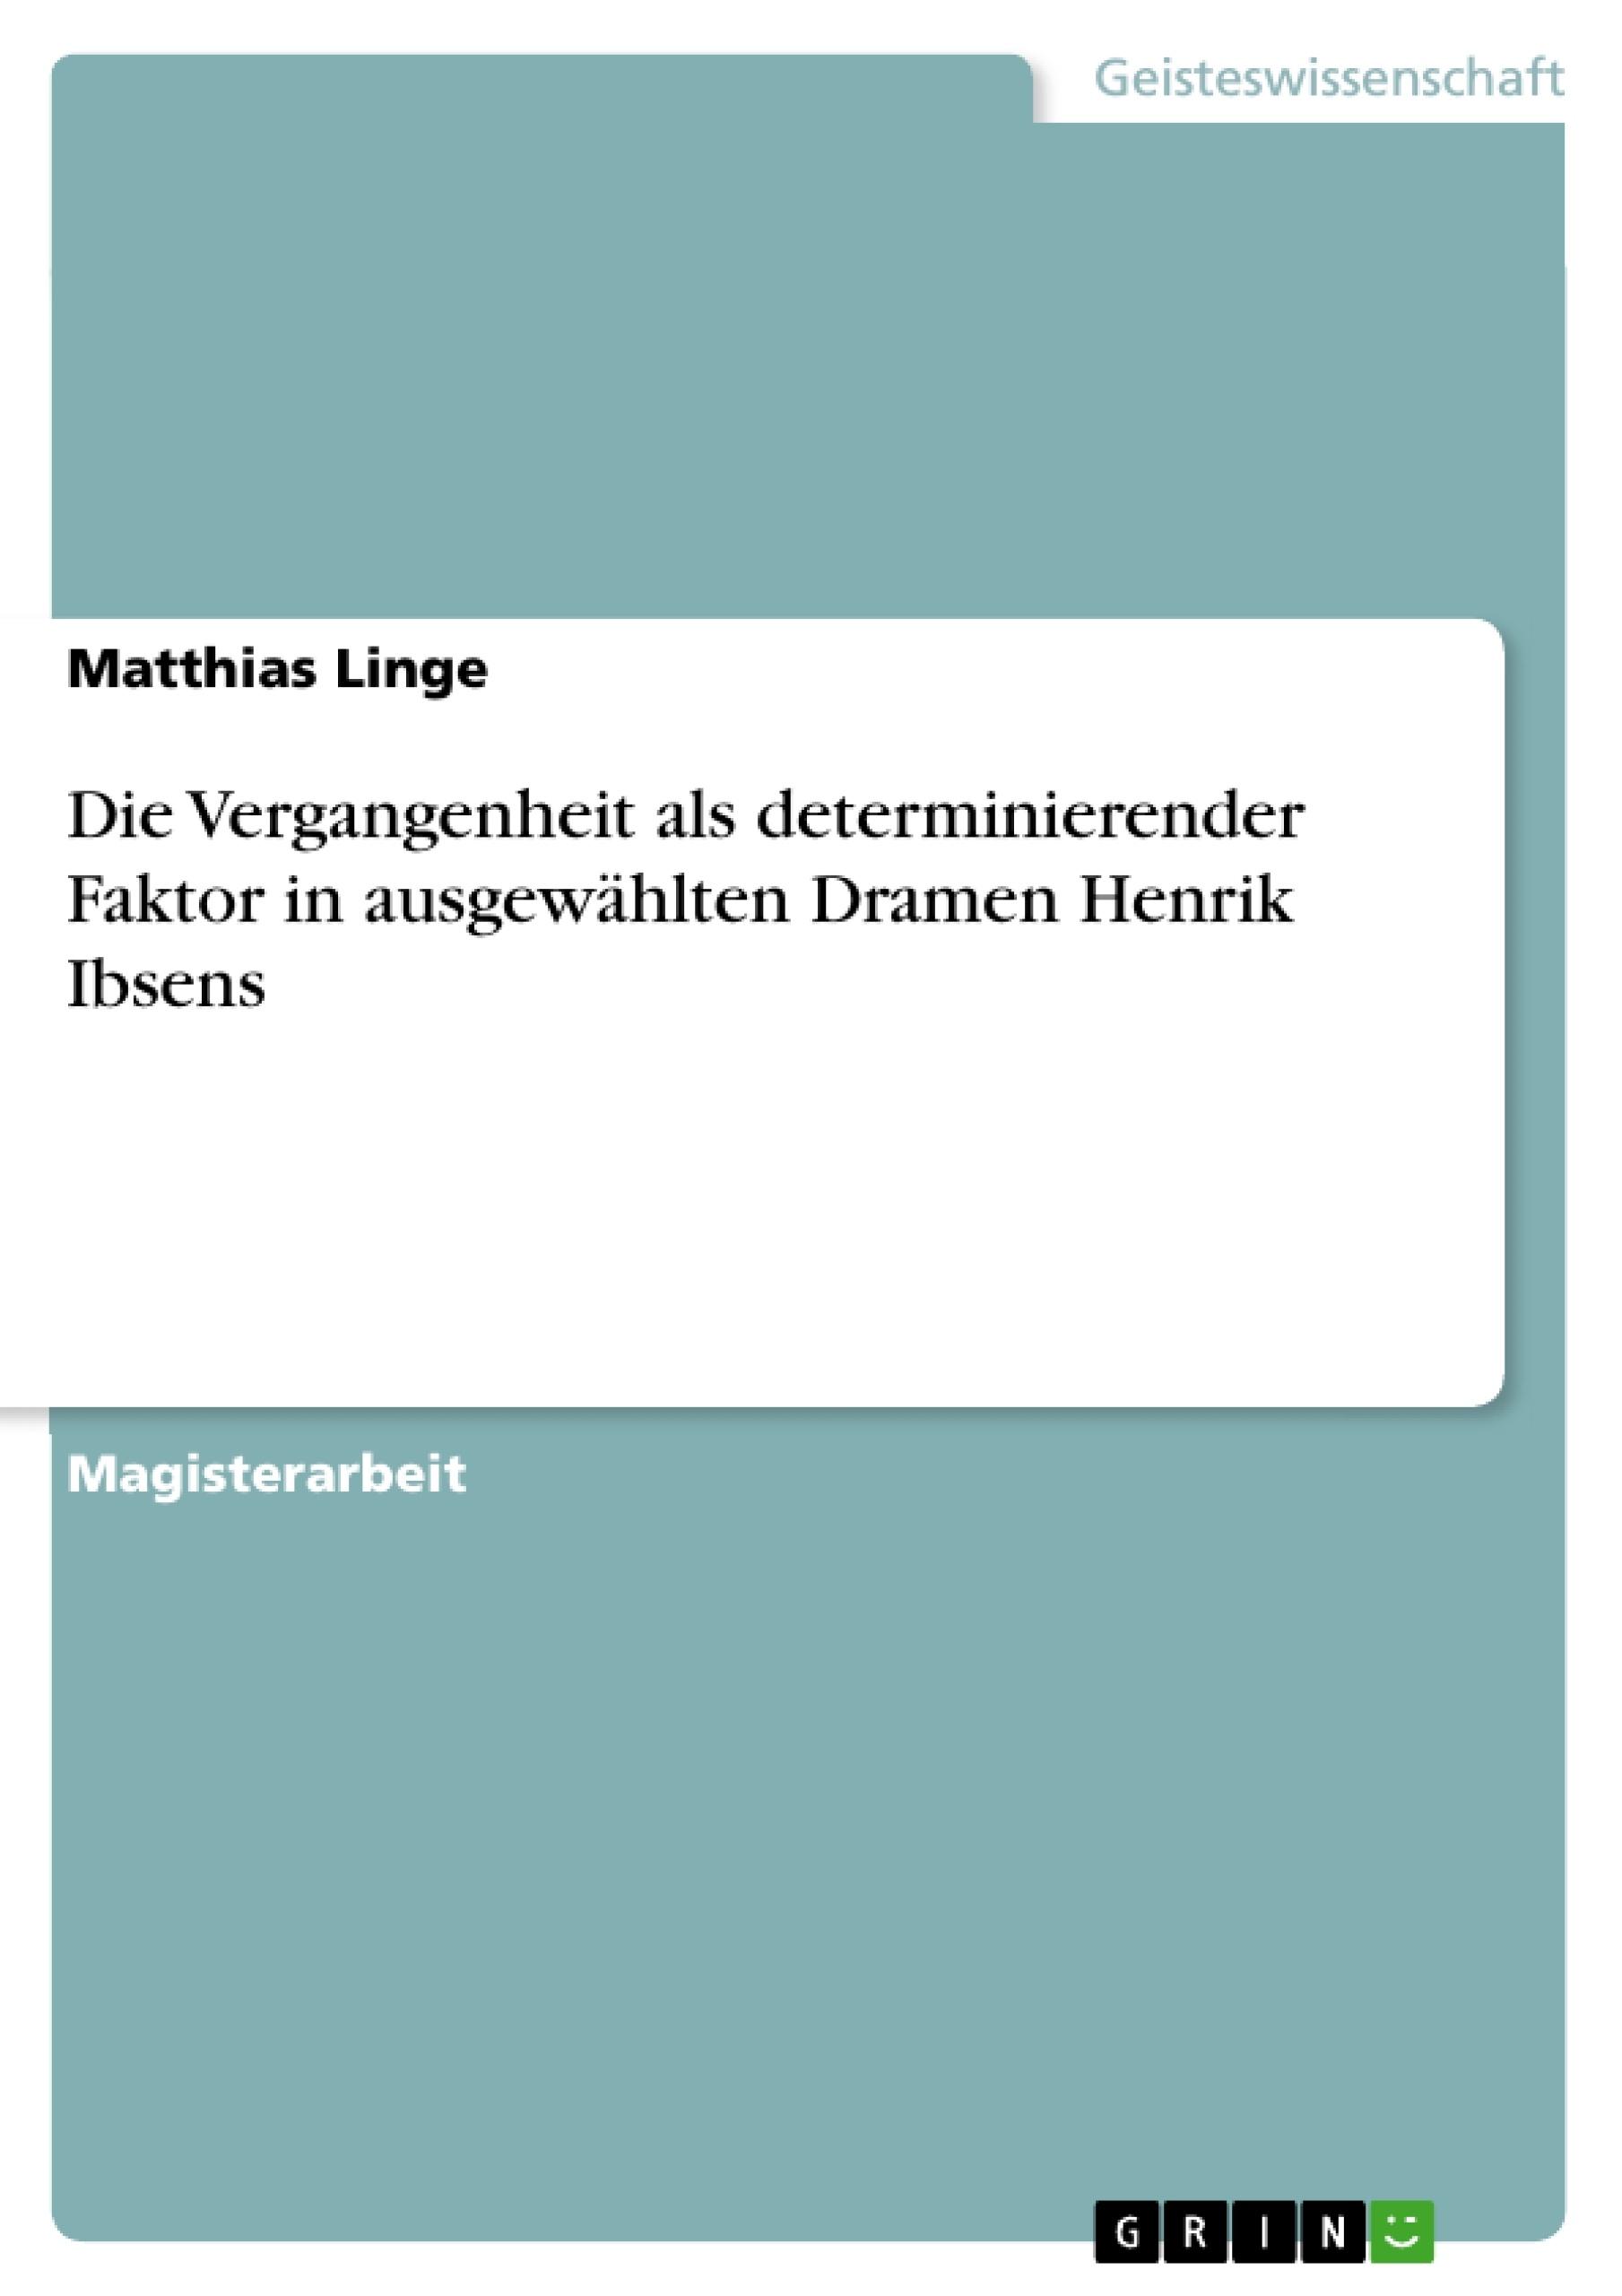 Titel: Die Vergangenheit als determinierender Faktor in ausgewählten Dramen Henrik Ibsens